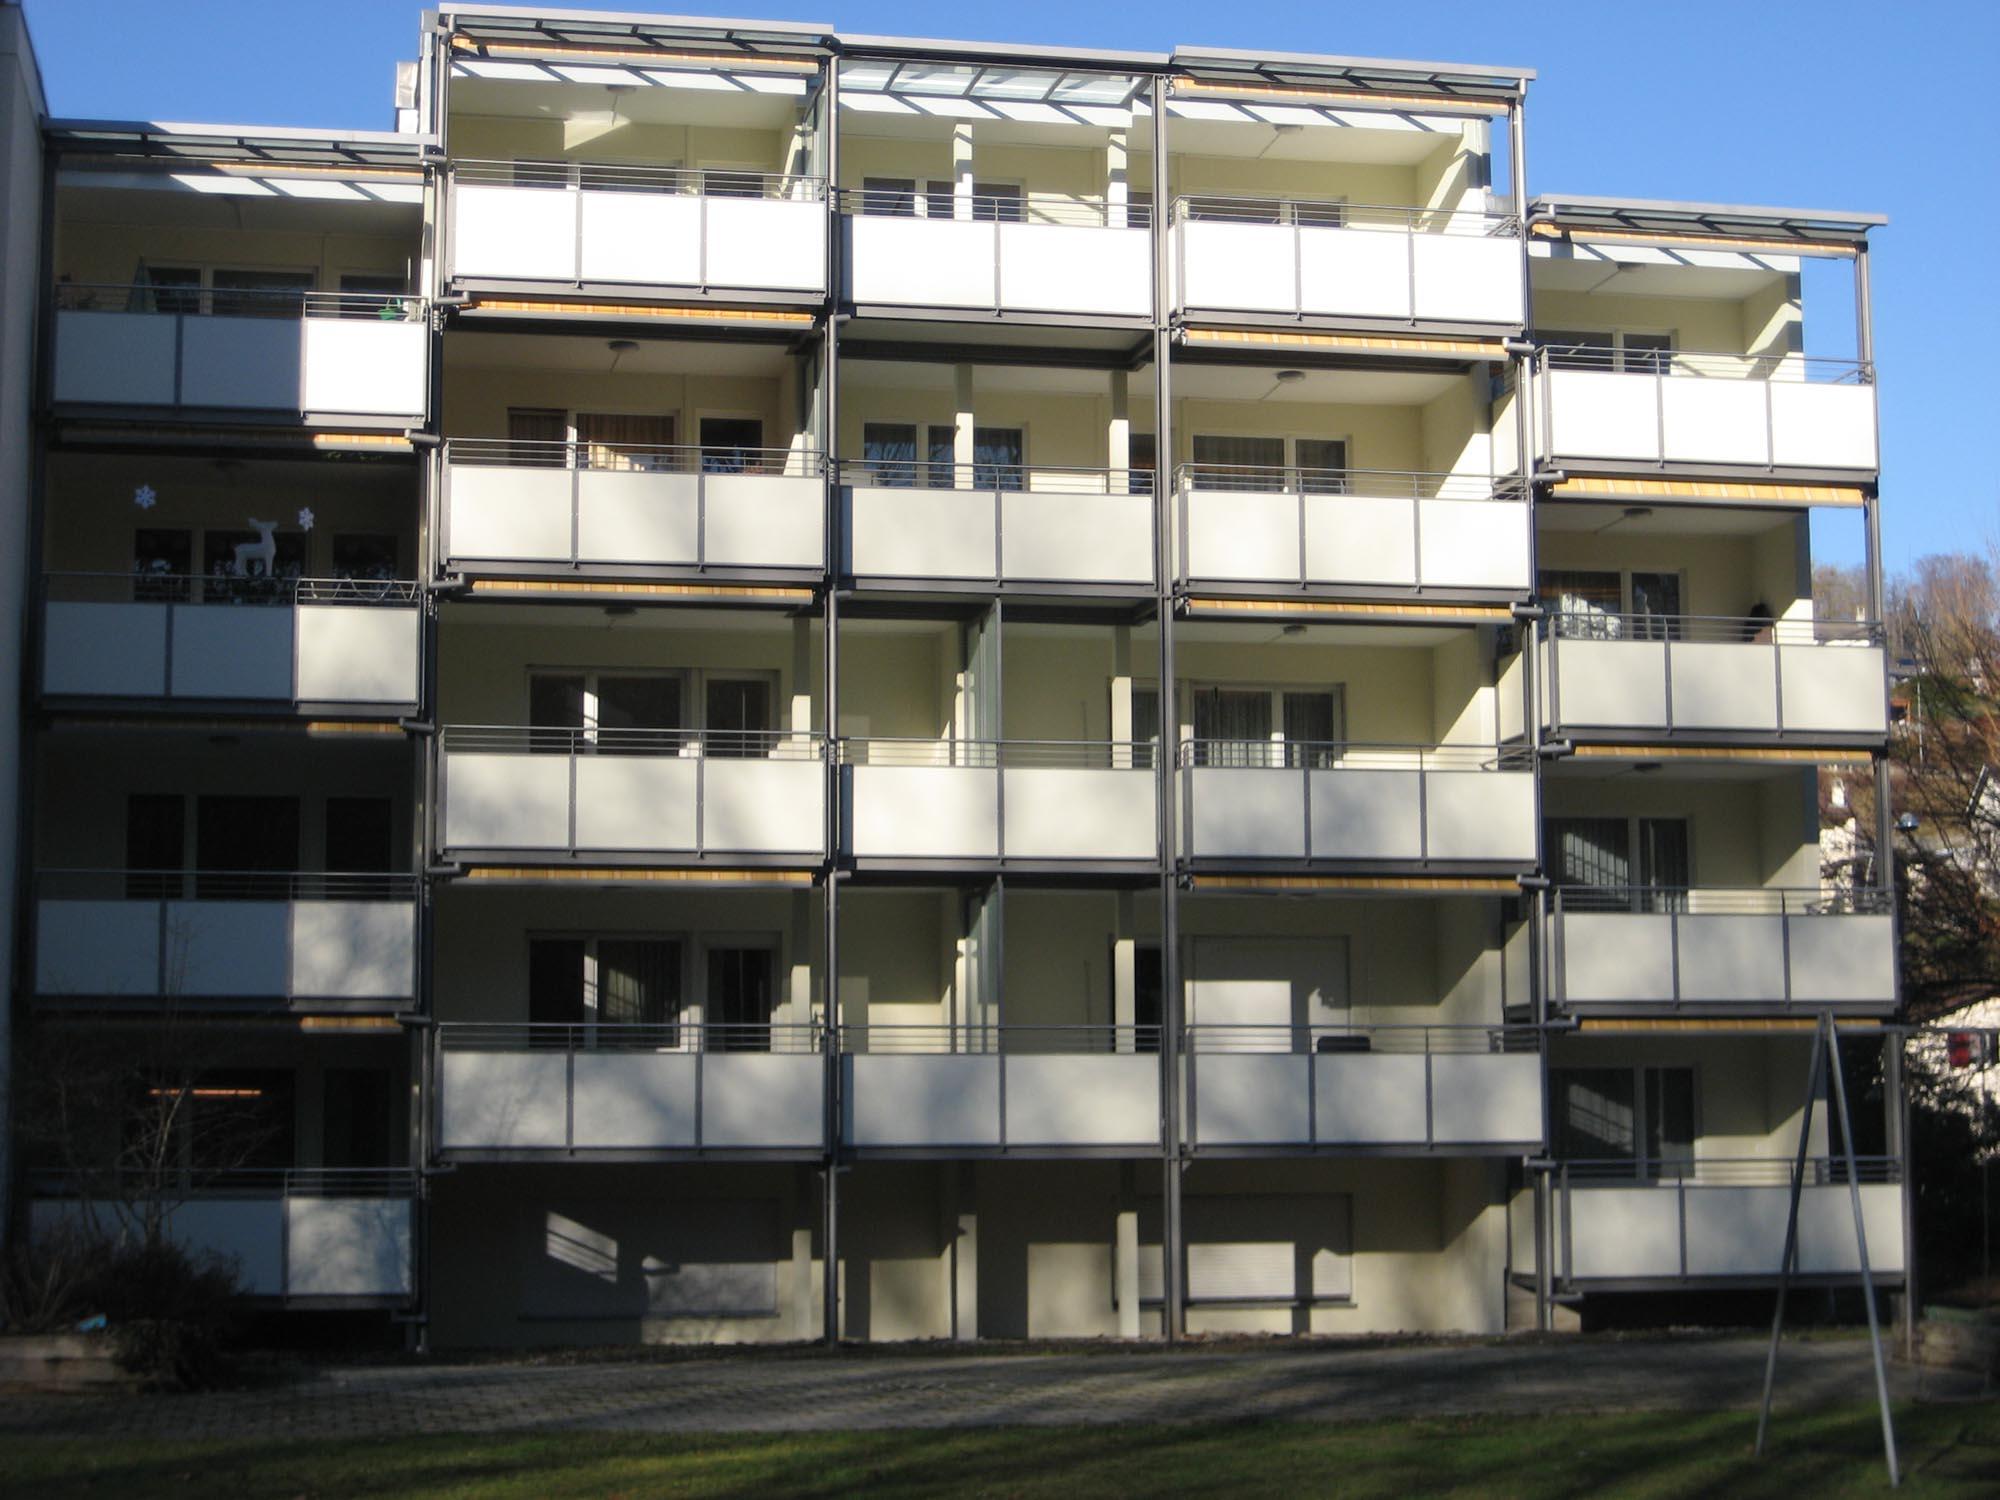 Balkonerweiterung-8